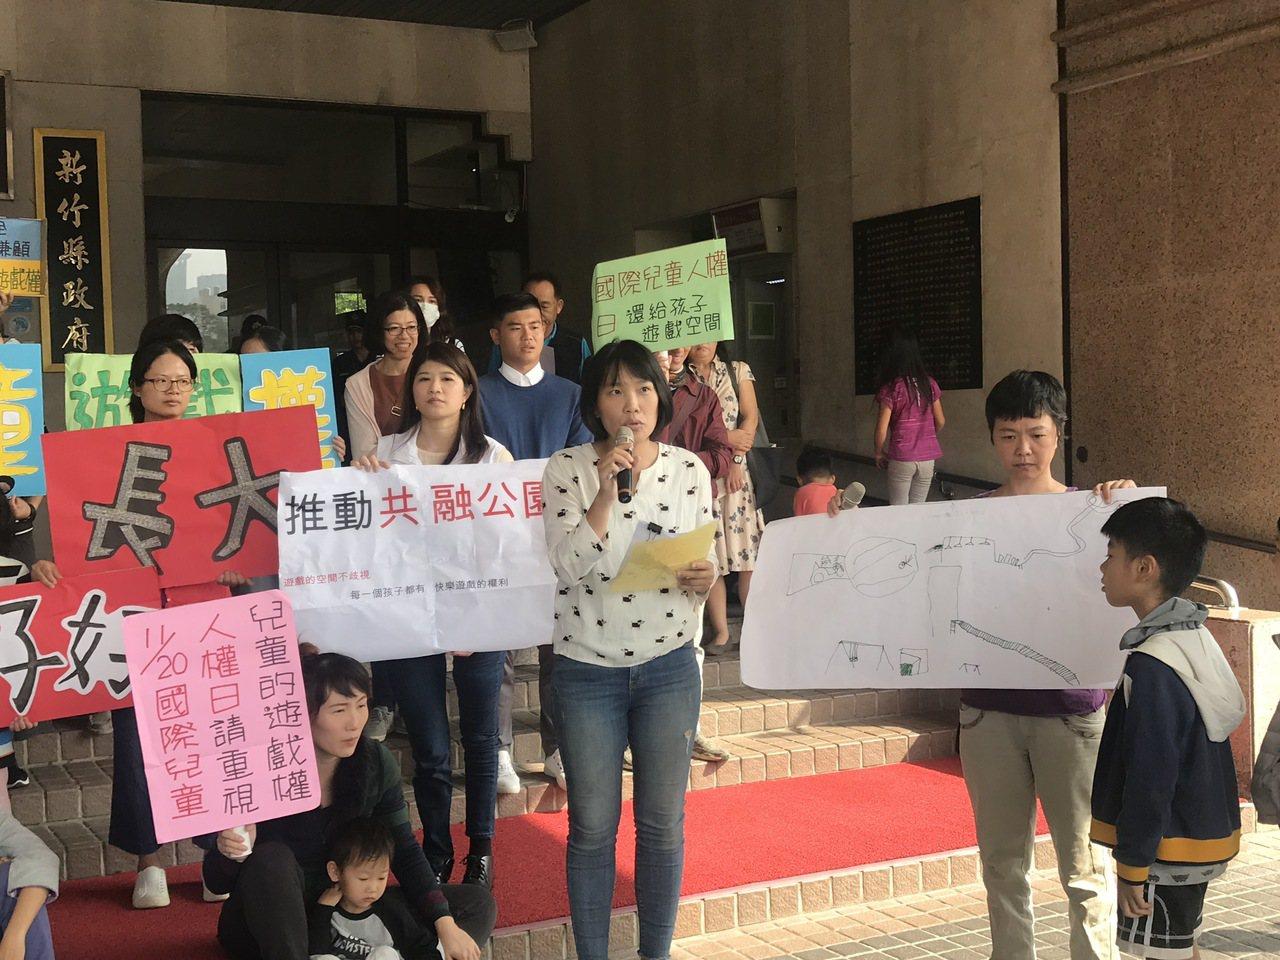 發起連署抗議的家長楊怡青表示,且深受各年齡層喜愛的遊具設置率很低,例如鞦韆15座...